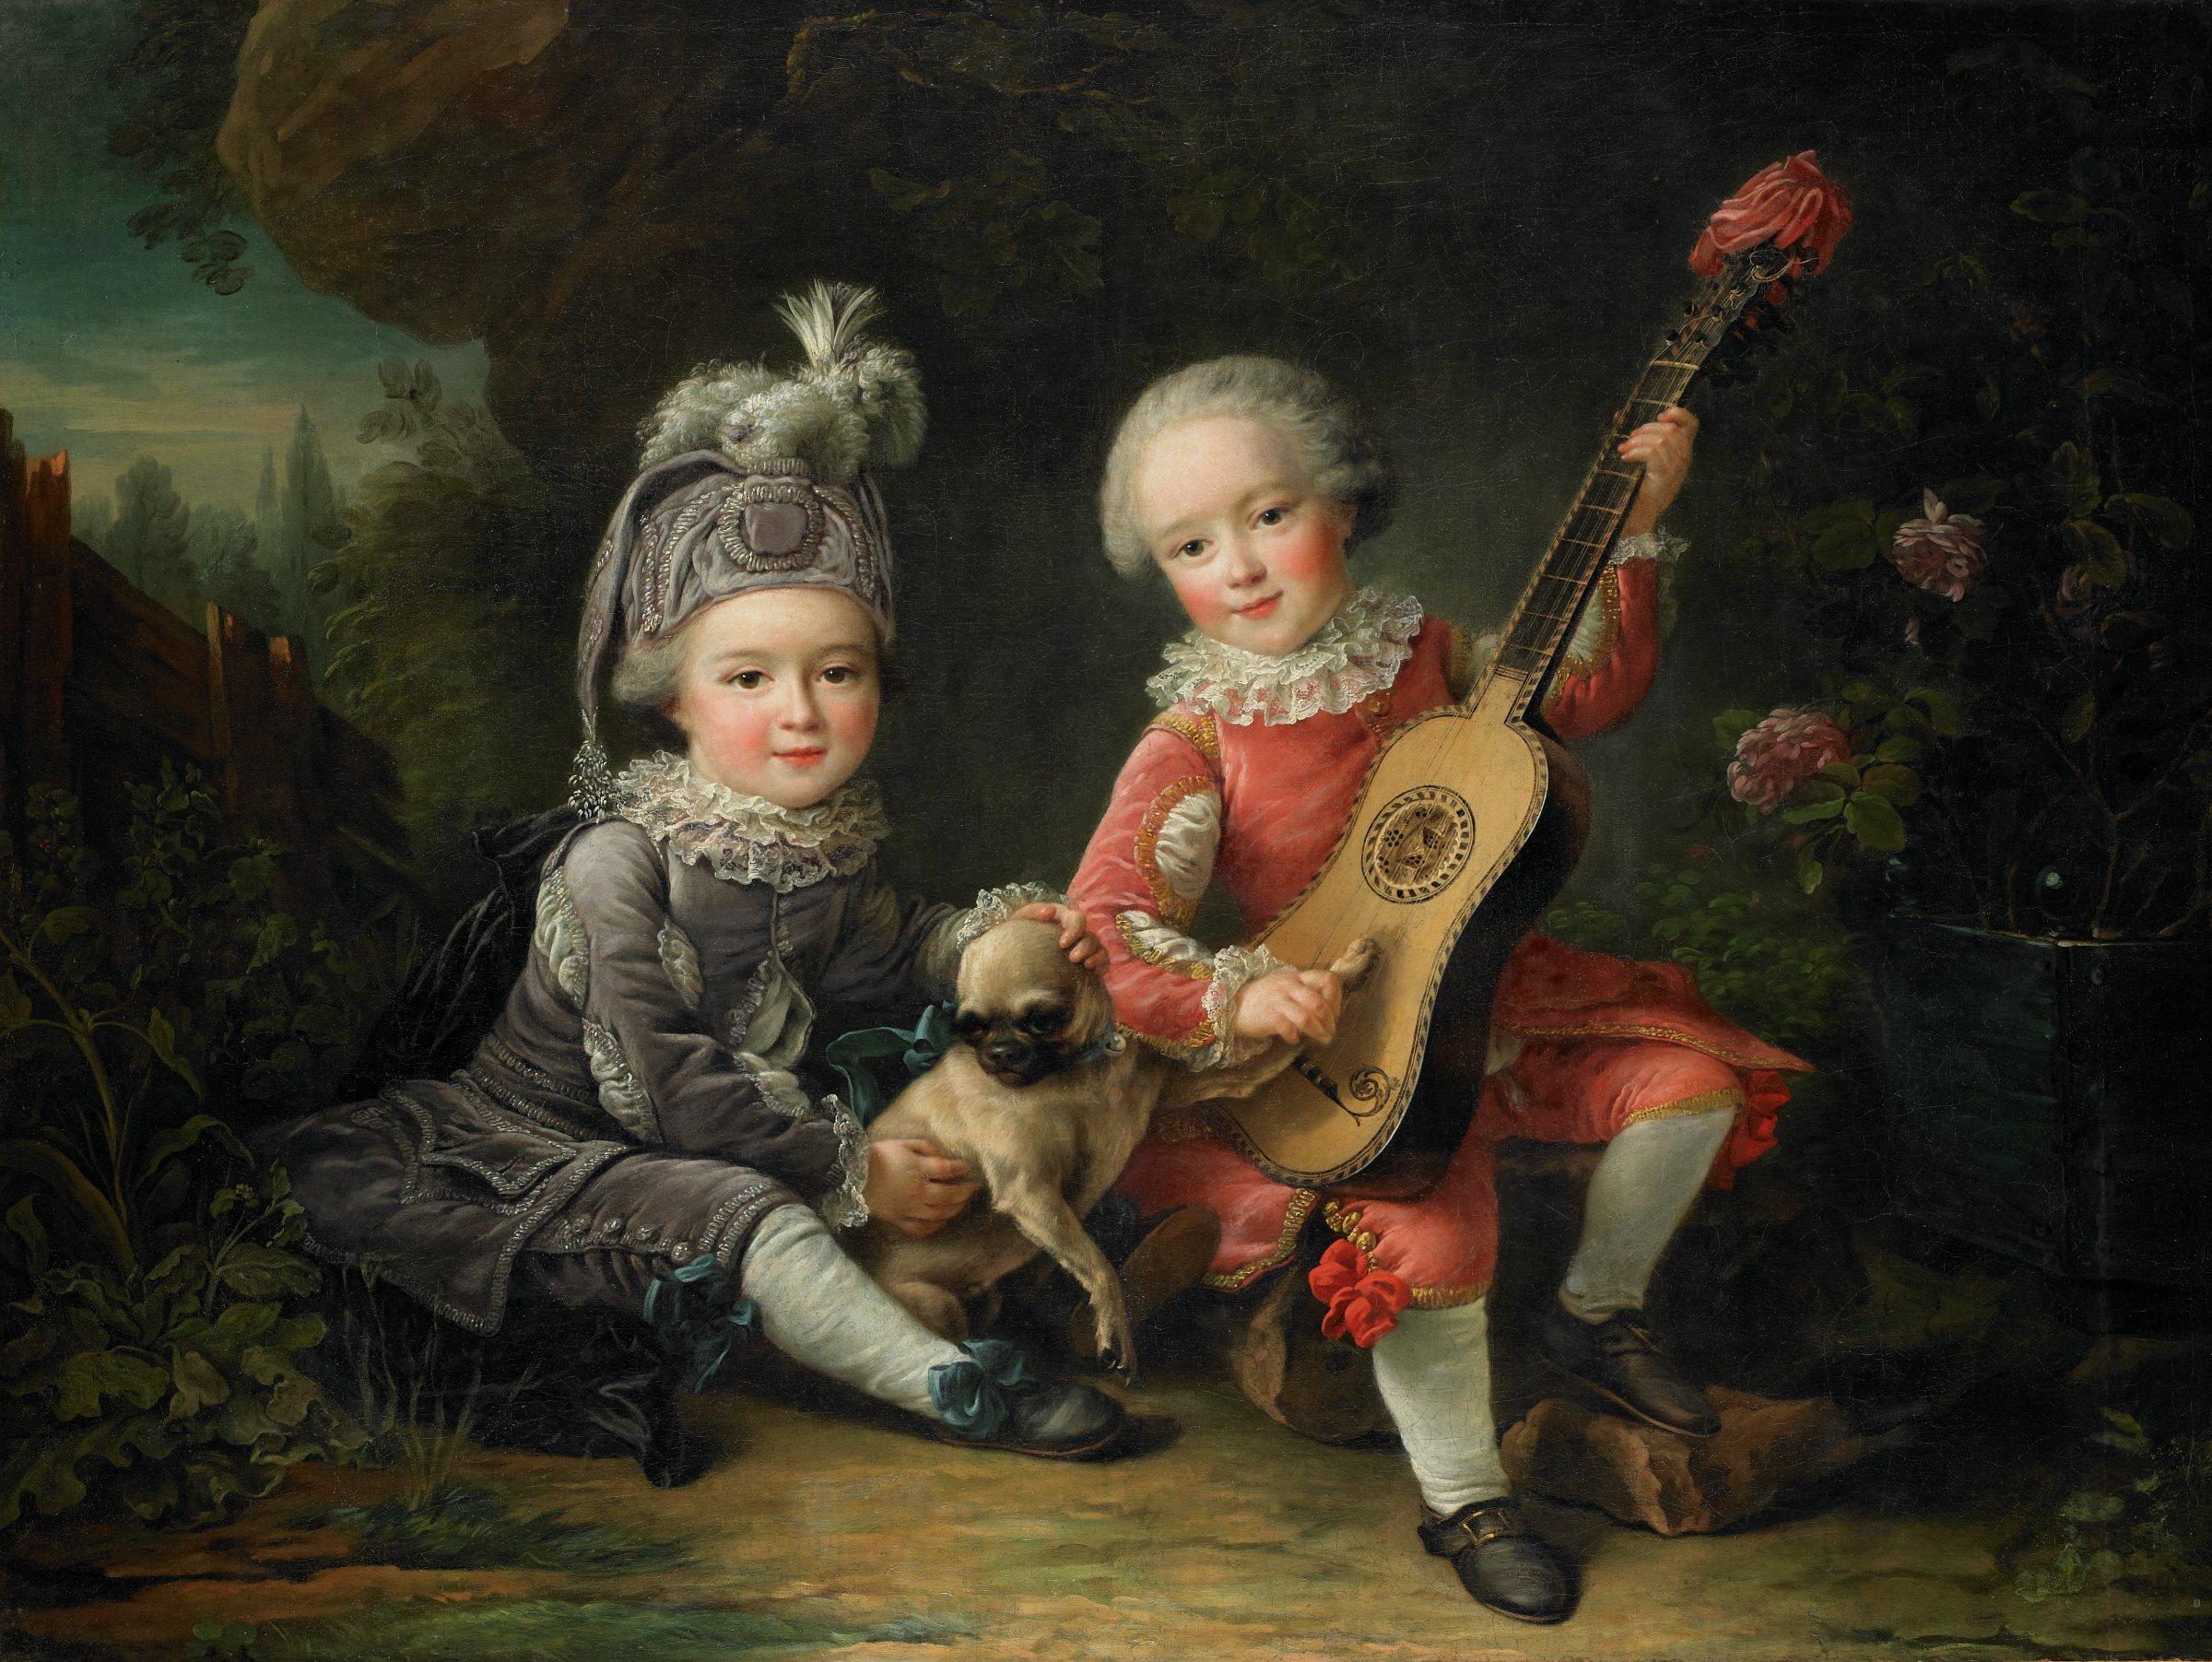 Les Portraits de MM. de Béthune jouant avec un chien (Portraits of Marquis Béthune's Children Playing with a Dog), François-Hubert Drouais, oil on canvas